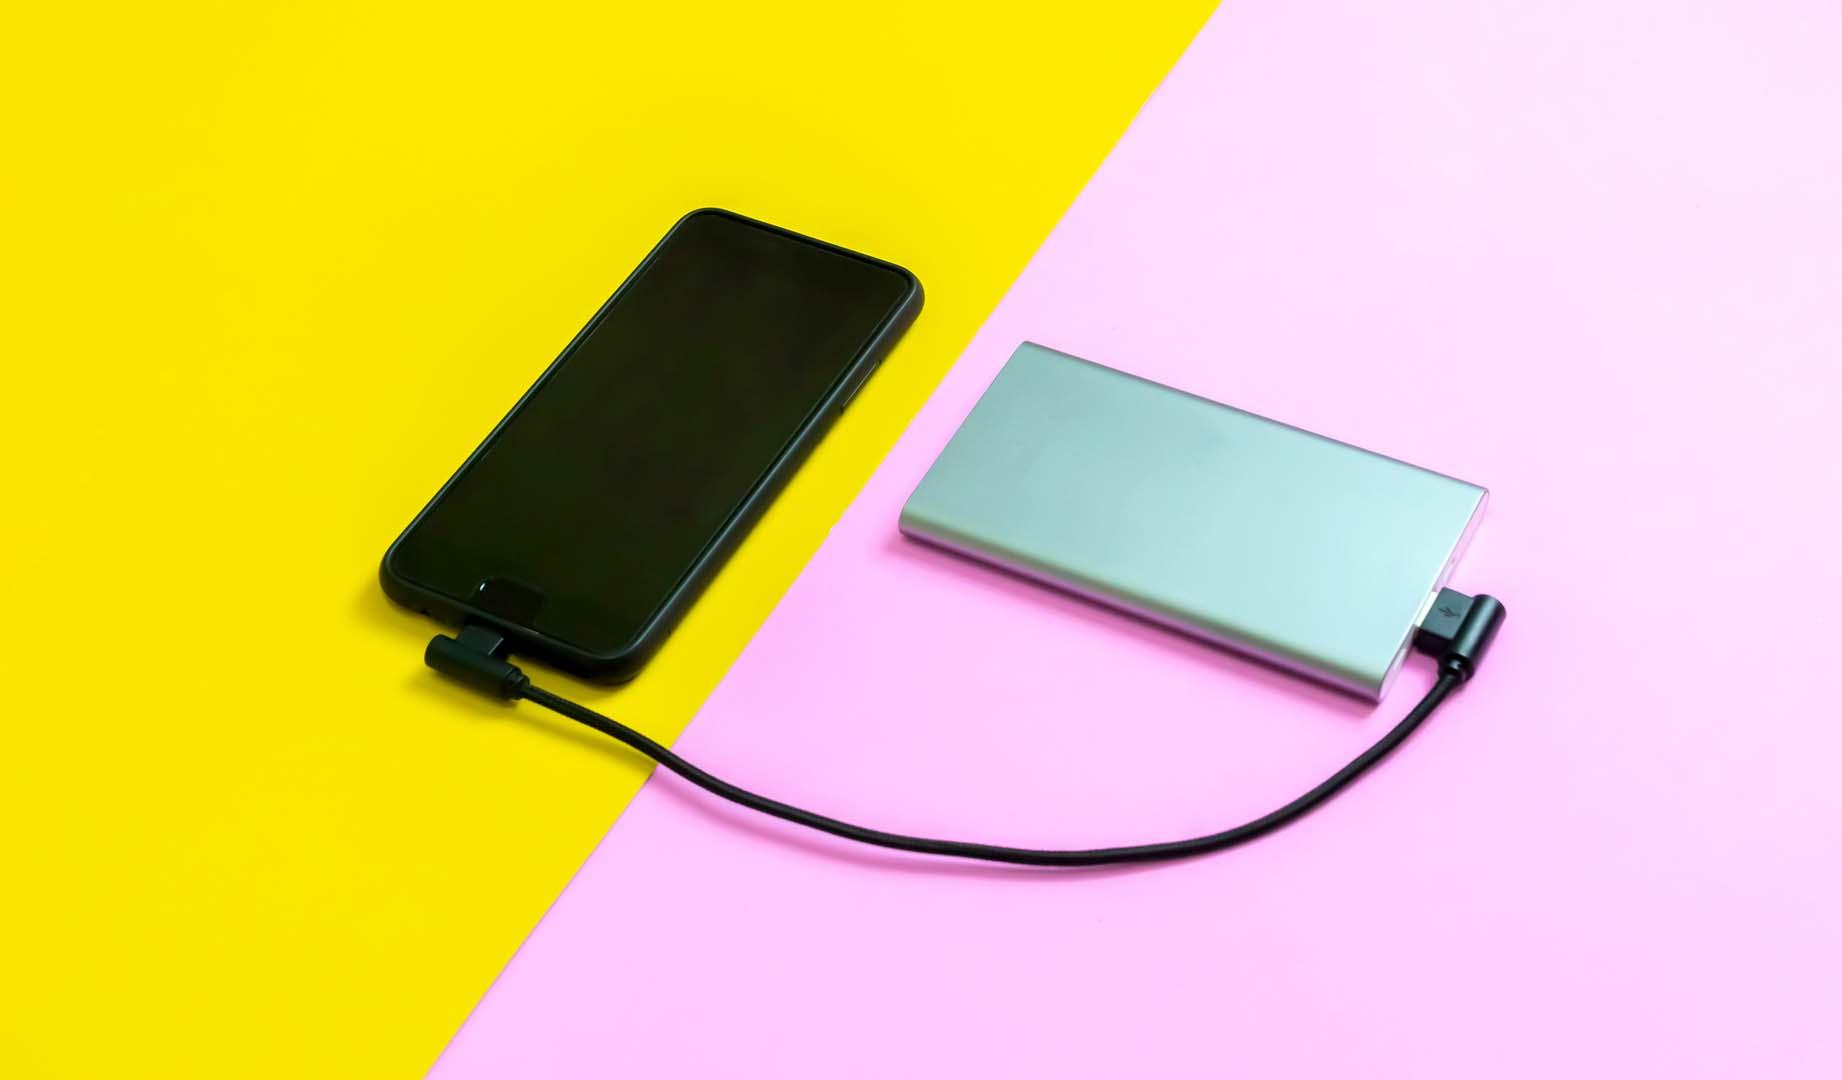 Telefon şarjlarıyla ilgili önemli gelişme! Bütün markalar uygulamak zorunda kalacak